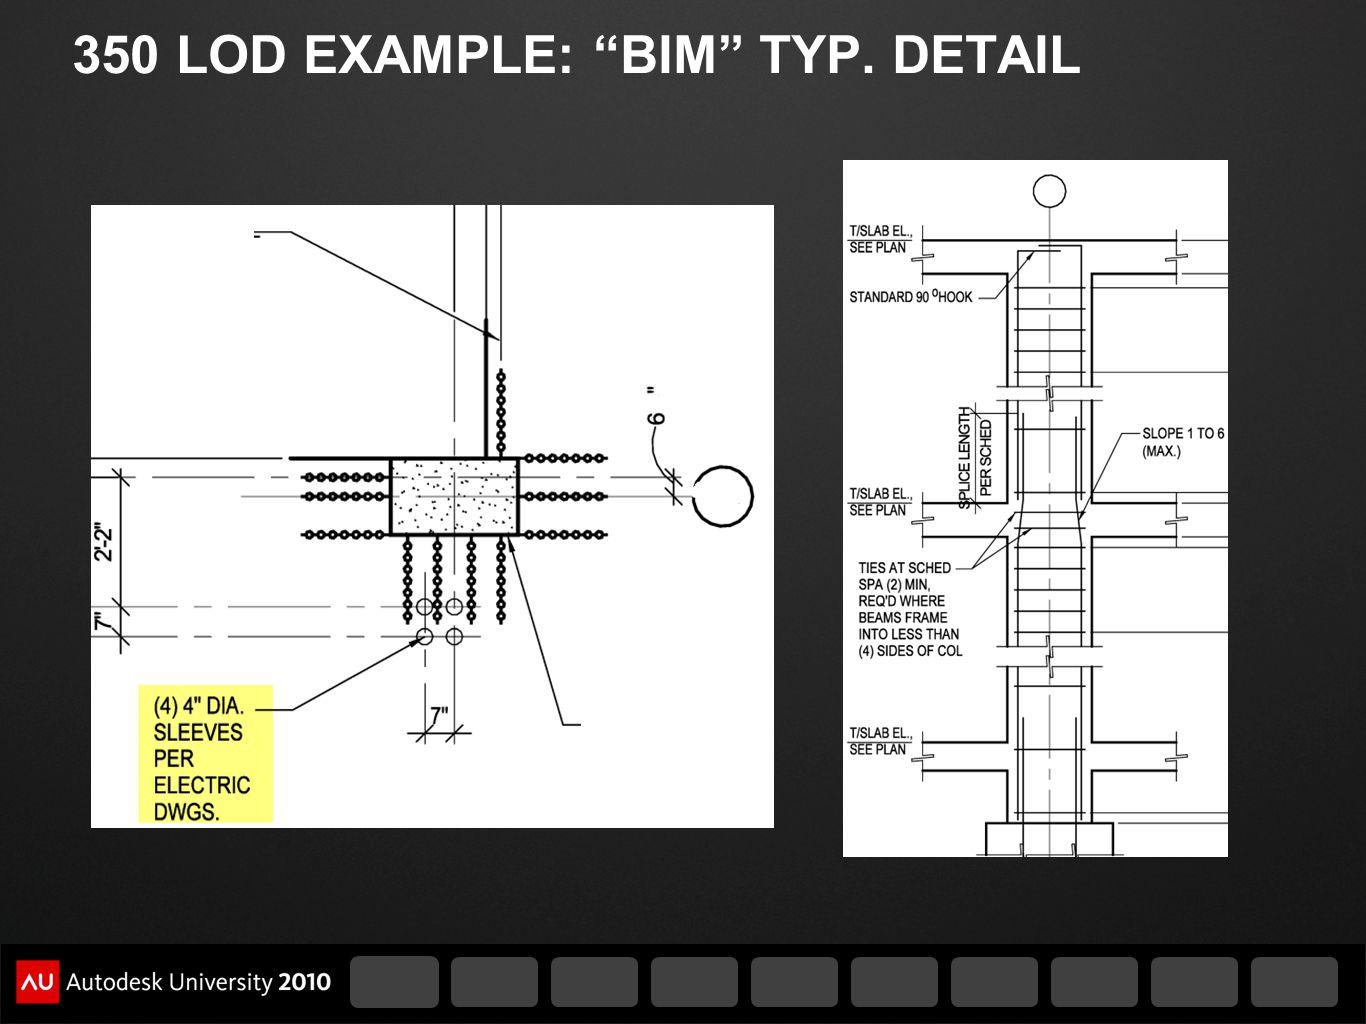 350 LOD EXAMPLE: BIM TYP. DETAIL